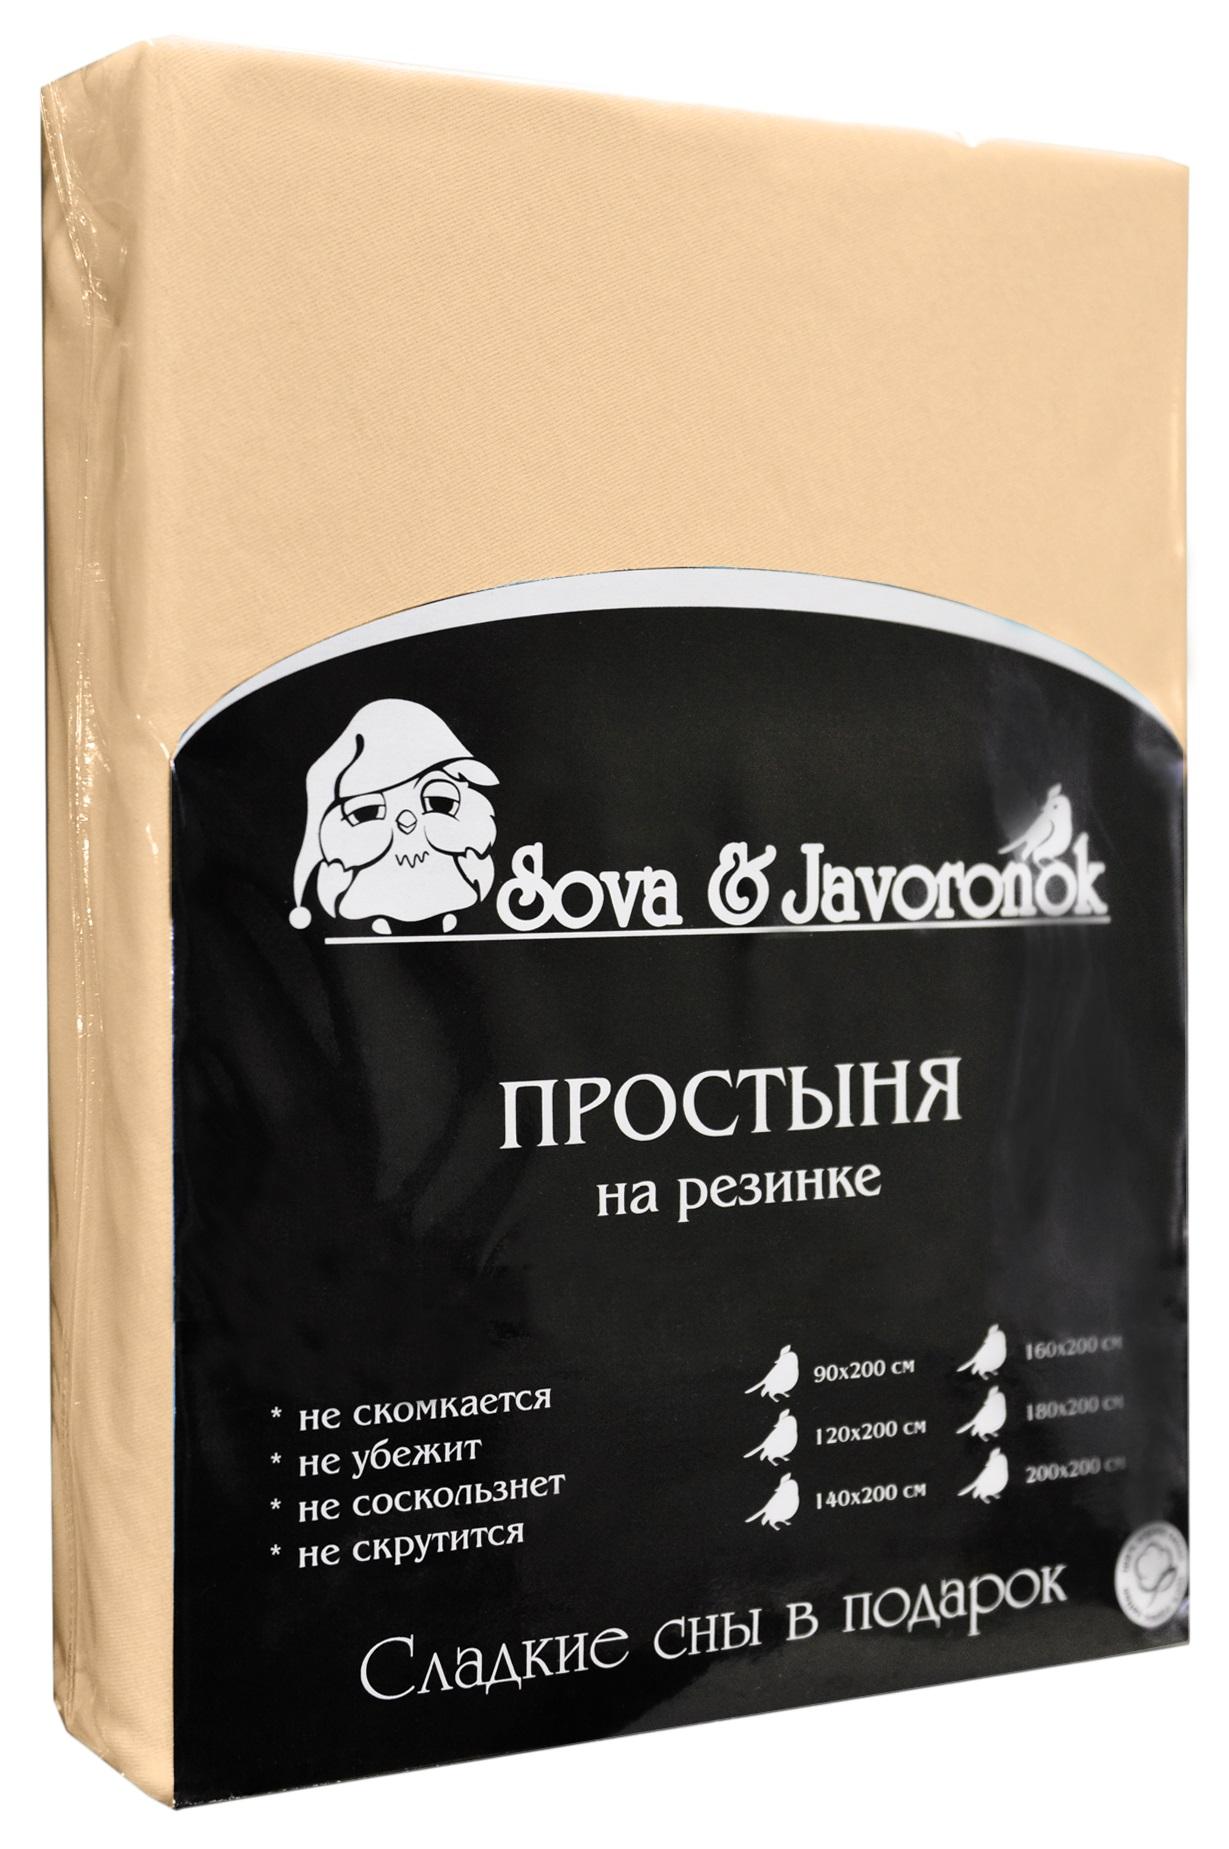 Простыня на резинке Sova & Javoronok, цвет: светло-бежевый, 120 х 200 см0803114203Простыня на резинке Sova & Javoronok, изготовленная из трикотажной ткани (100% хлопок), будет превосходно смотреться с любыми комплектами белья. Хлопчатобумажный трикотаж по праву считается одним из самых качественных, прочных и при этом приятных на ощупь. Его гигиеничность позволяет использовать простыню и в детских комнатах, к тому же 100%-ый хлопок в составе ткани не вызовет аллергии. У трикотажного полотна очень интересная структура, немного рыхлая за счет отсутствия плотного переплетения нитей и наличия особых петель, благодаря этому простыня Сова и Жаворонок отлично пропускает воздух и способствует его постоянной циркуляции. Поэтому ваша постель будет всегда оставаться свежей. Но главное и, пожалуй, самое известное свойство трикотажа - это его великолепная растяжимость, поэтому эта ткань и была выбрана для натяжной простыни на резинке. Простыня прошита резинкой по всему периметру, что обеспечивает более комфортный отдых, так как она прочно удерживается на матрасе и...